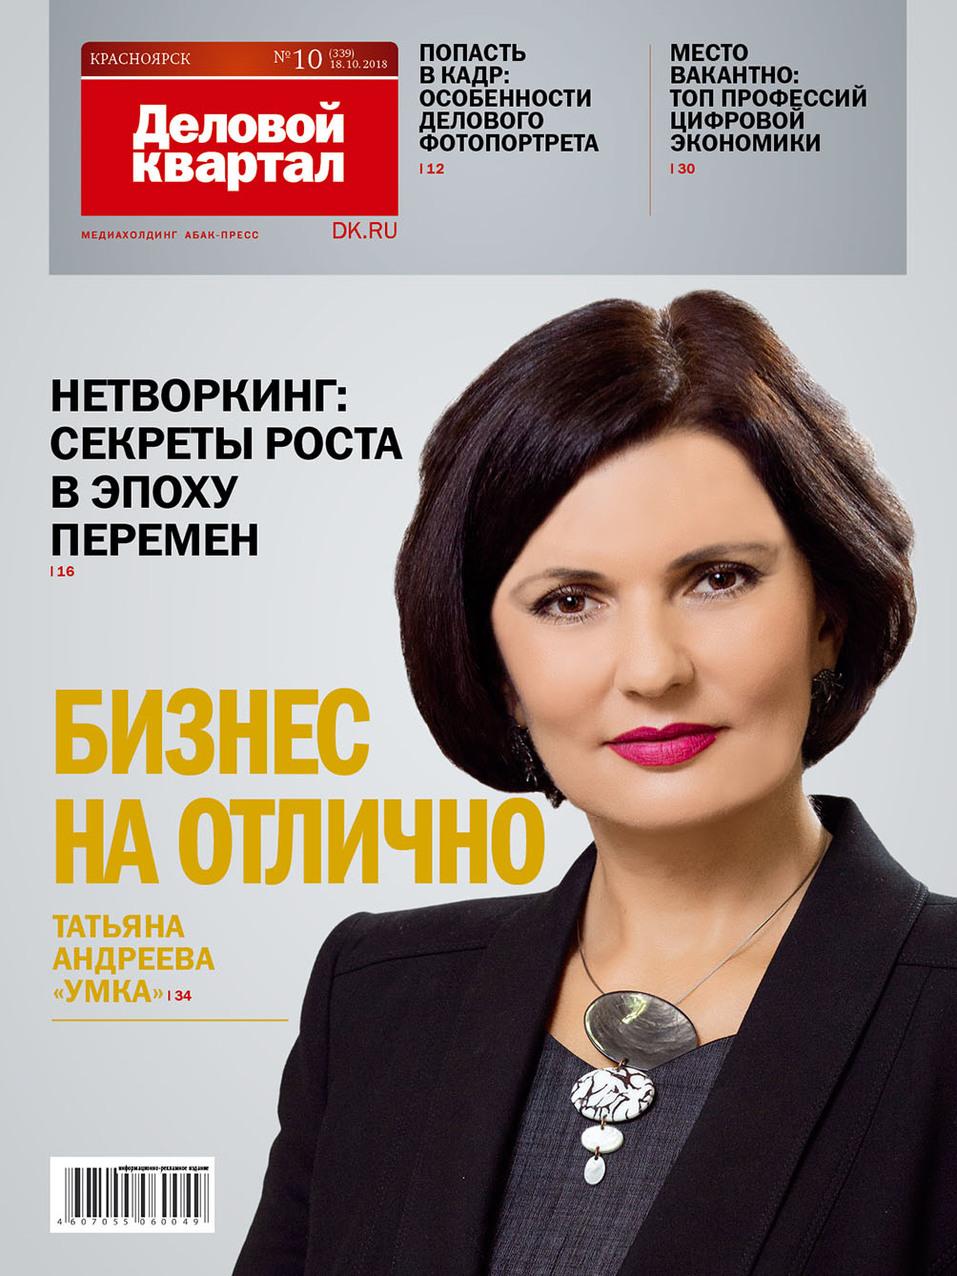 Архив журнала «Деловой квартал»-Красноярск 6